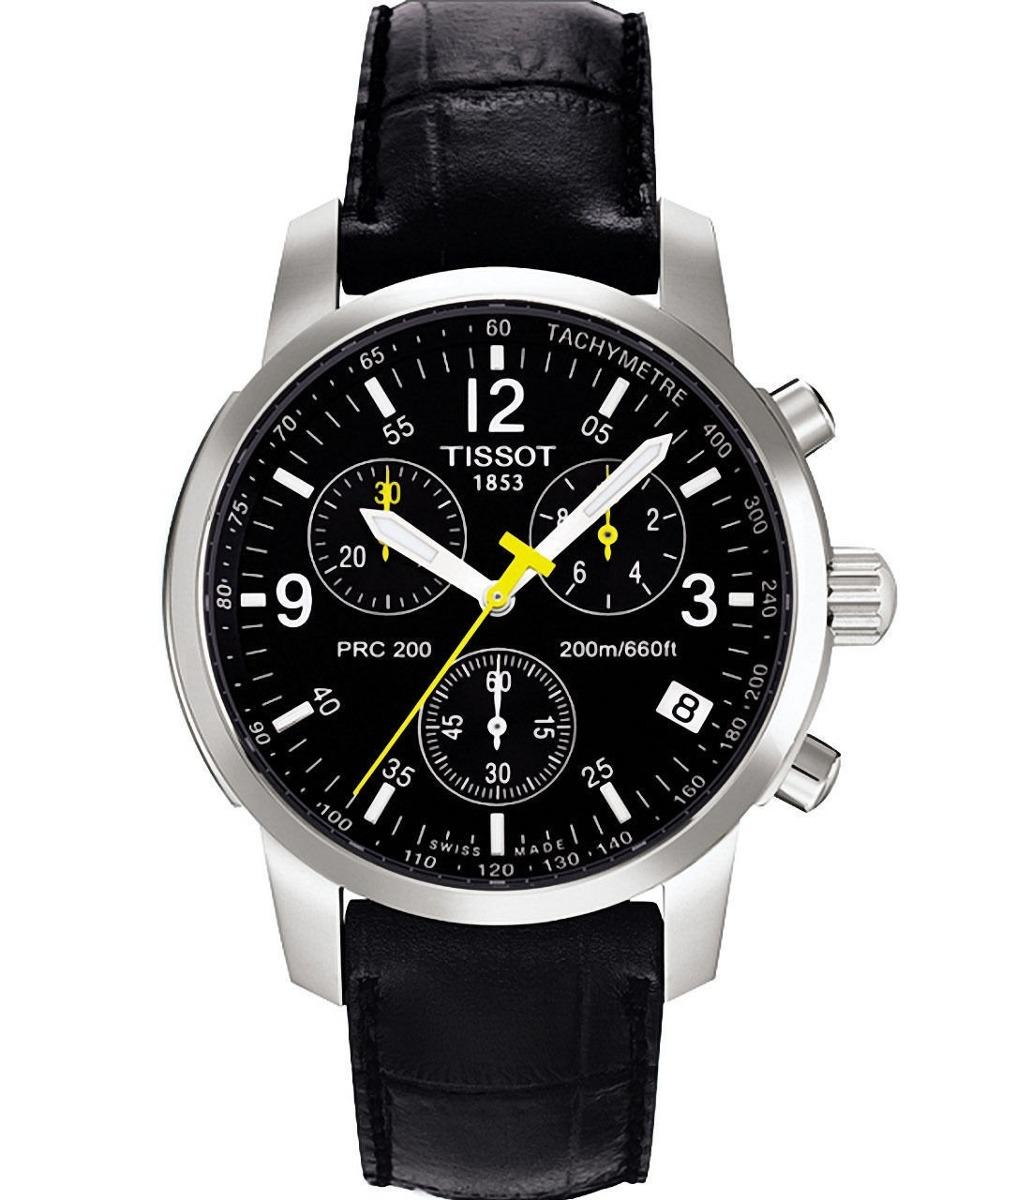 f54b89ccb58 relógio tissot prc200 original couro preto garantia 3 anos. Carregando zoom.